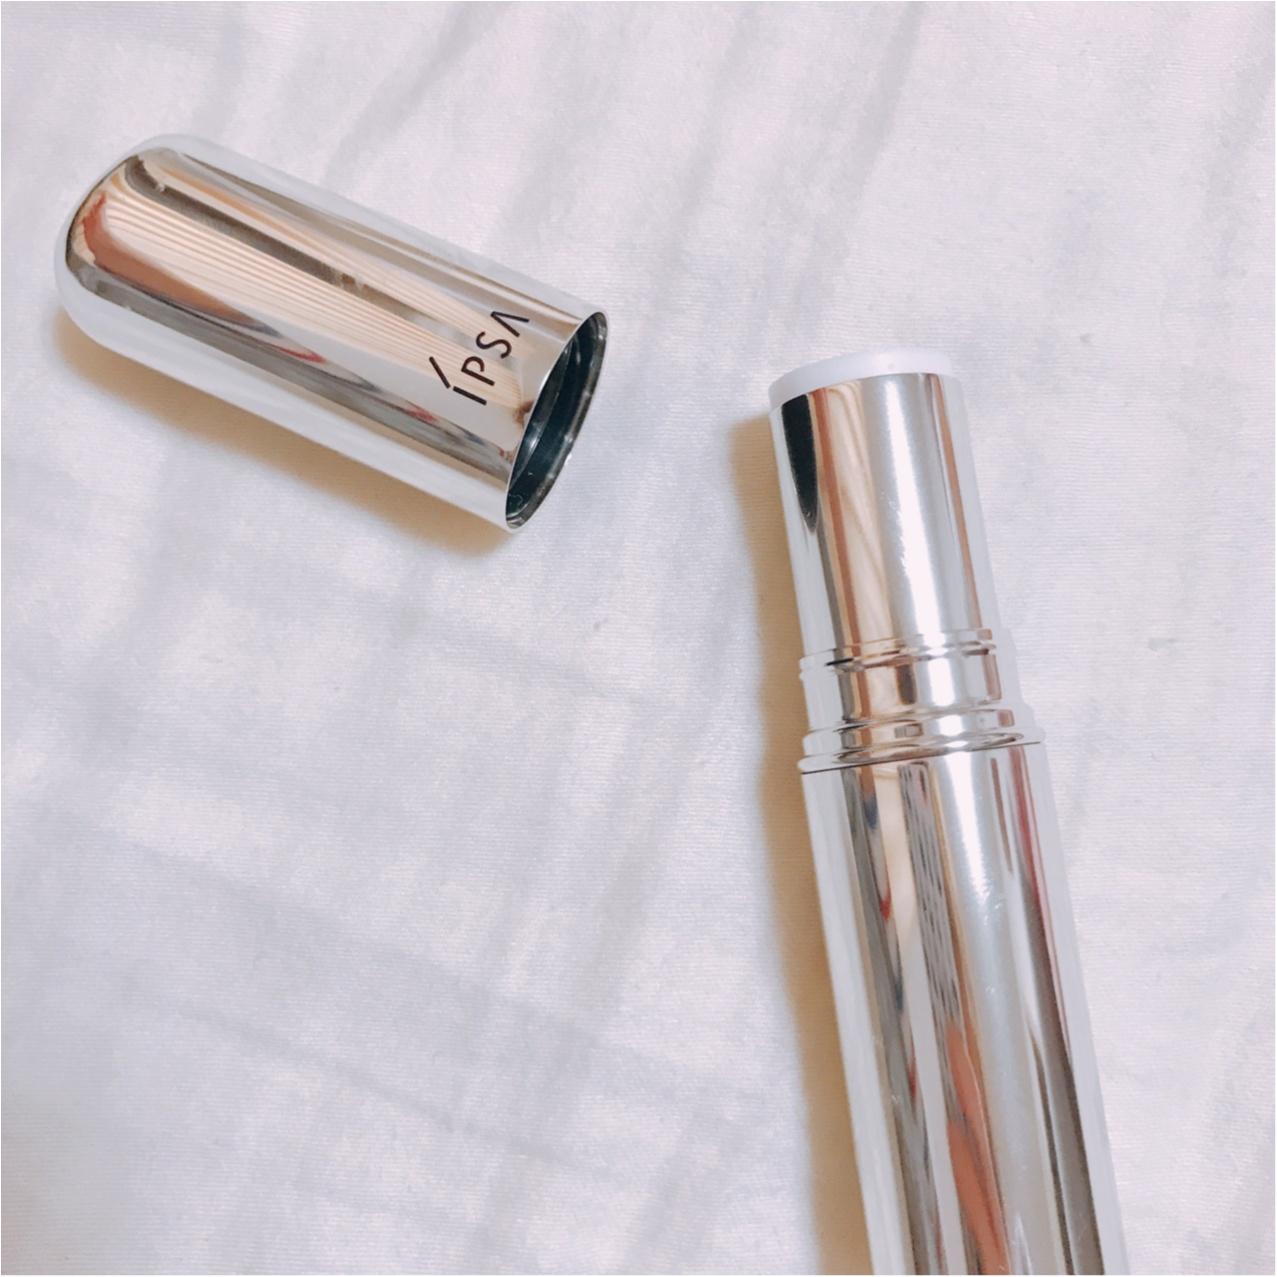 メイクの上から保湿できちゃう!IPSAの美容液スティックはこれからの季節のマストアイテム♡_2